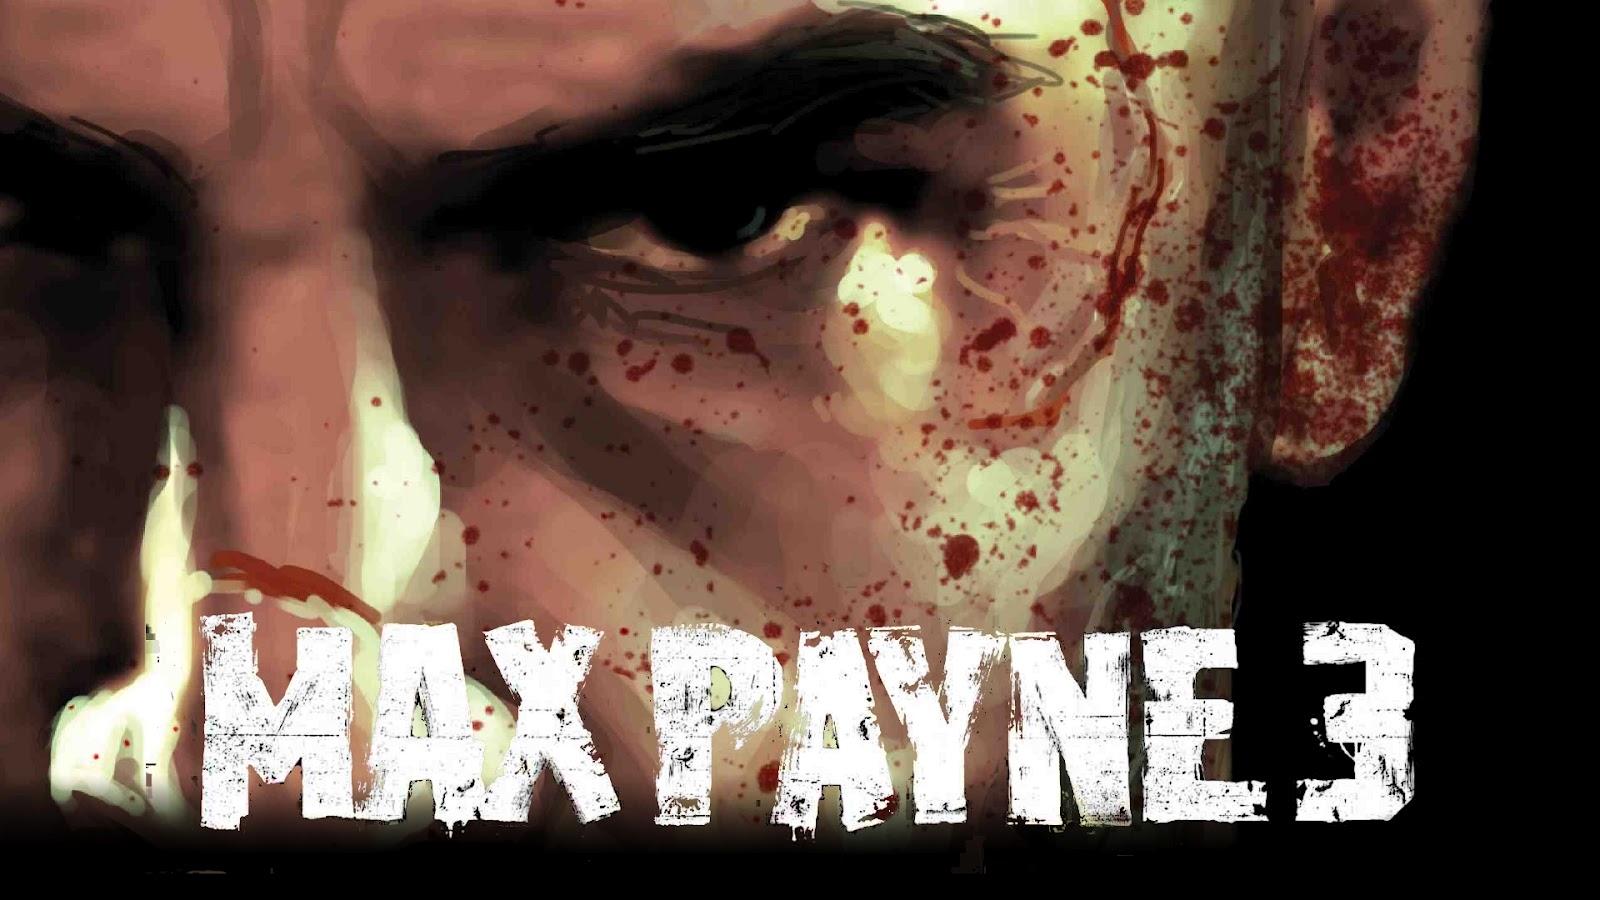 http://2.bp.blogspot.com/-aU26UejuLu0/UBdEVJfCRqI/AAAAAAAAIXQ/oFISvZ-MZXQ/s1600/max-payne-3-wallpaper-18.jpg